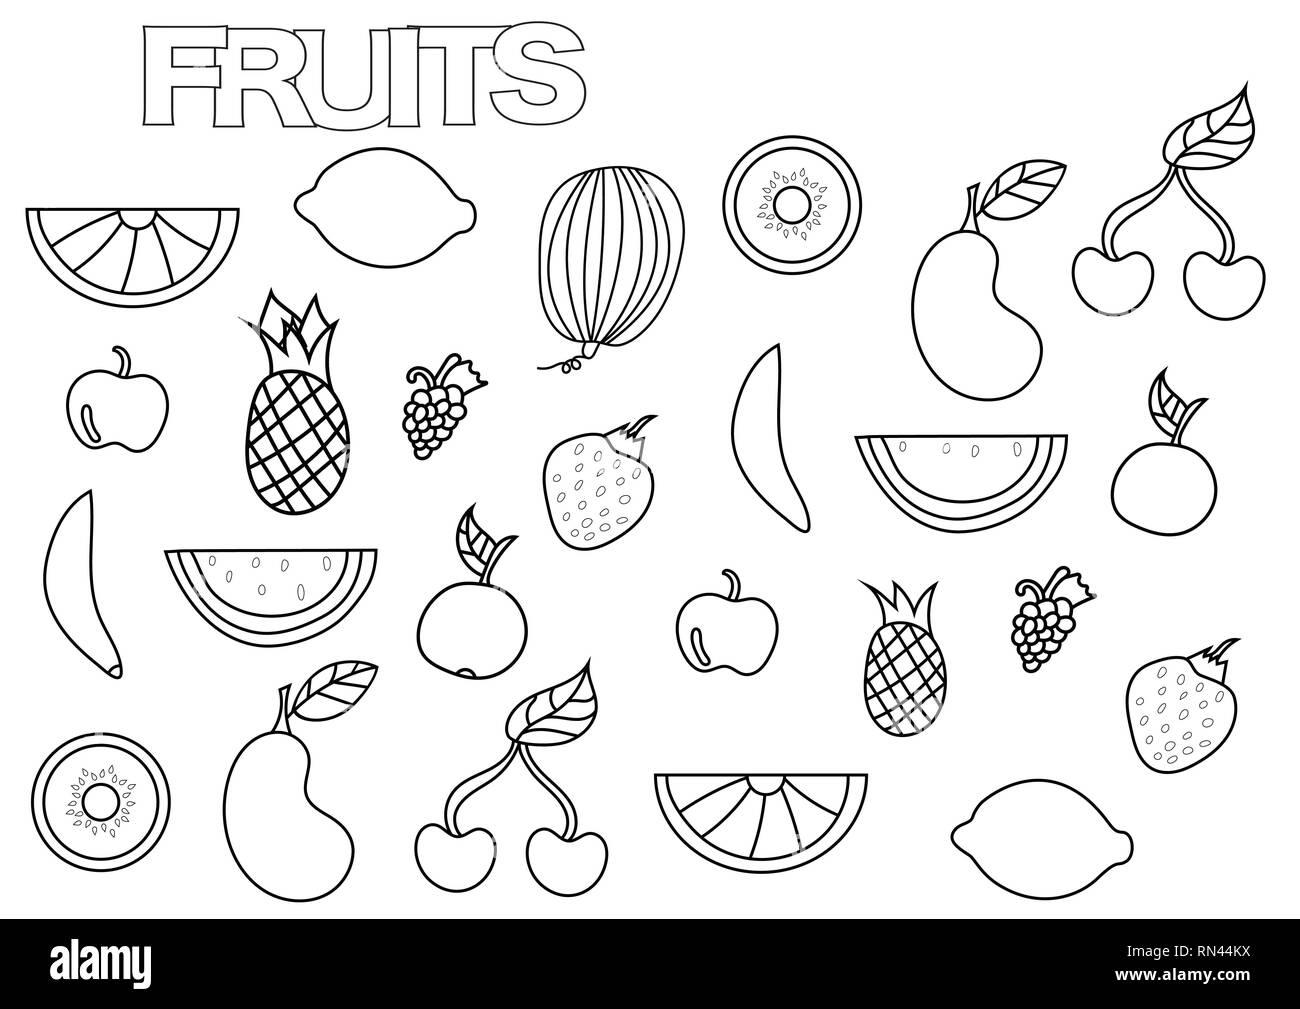 Les Fruits A La Main Modele De Page De Livre De Coloriage Doodle Contour Vector Illustration Image Vectorielle Stock Alamy